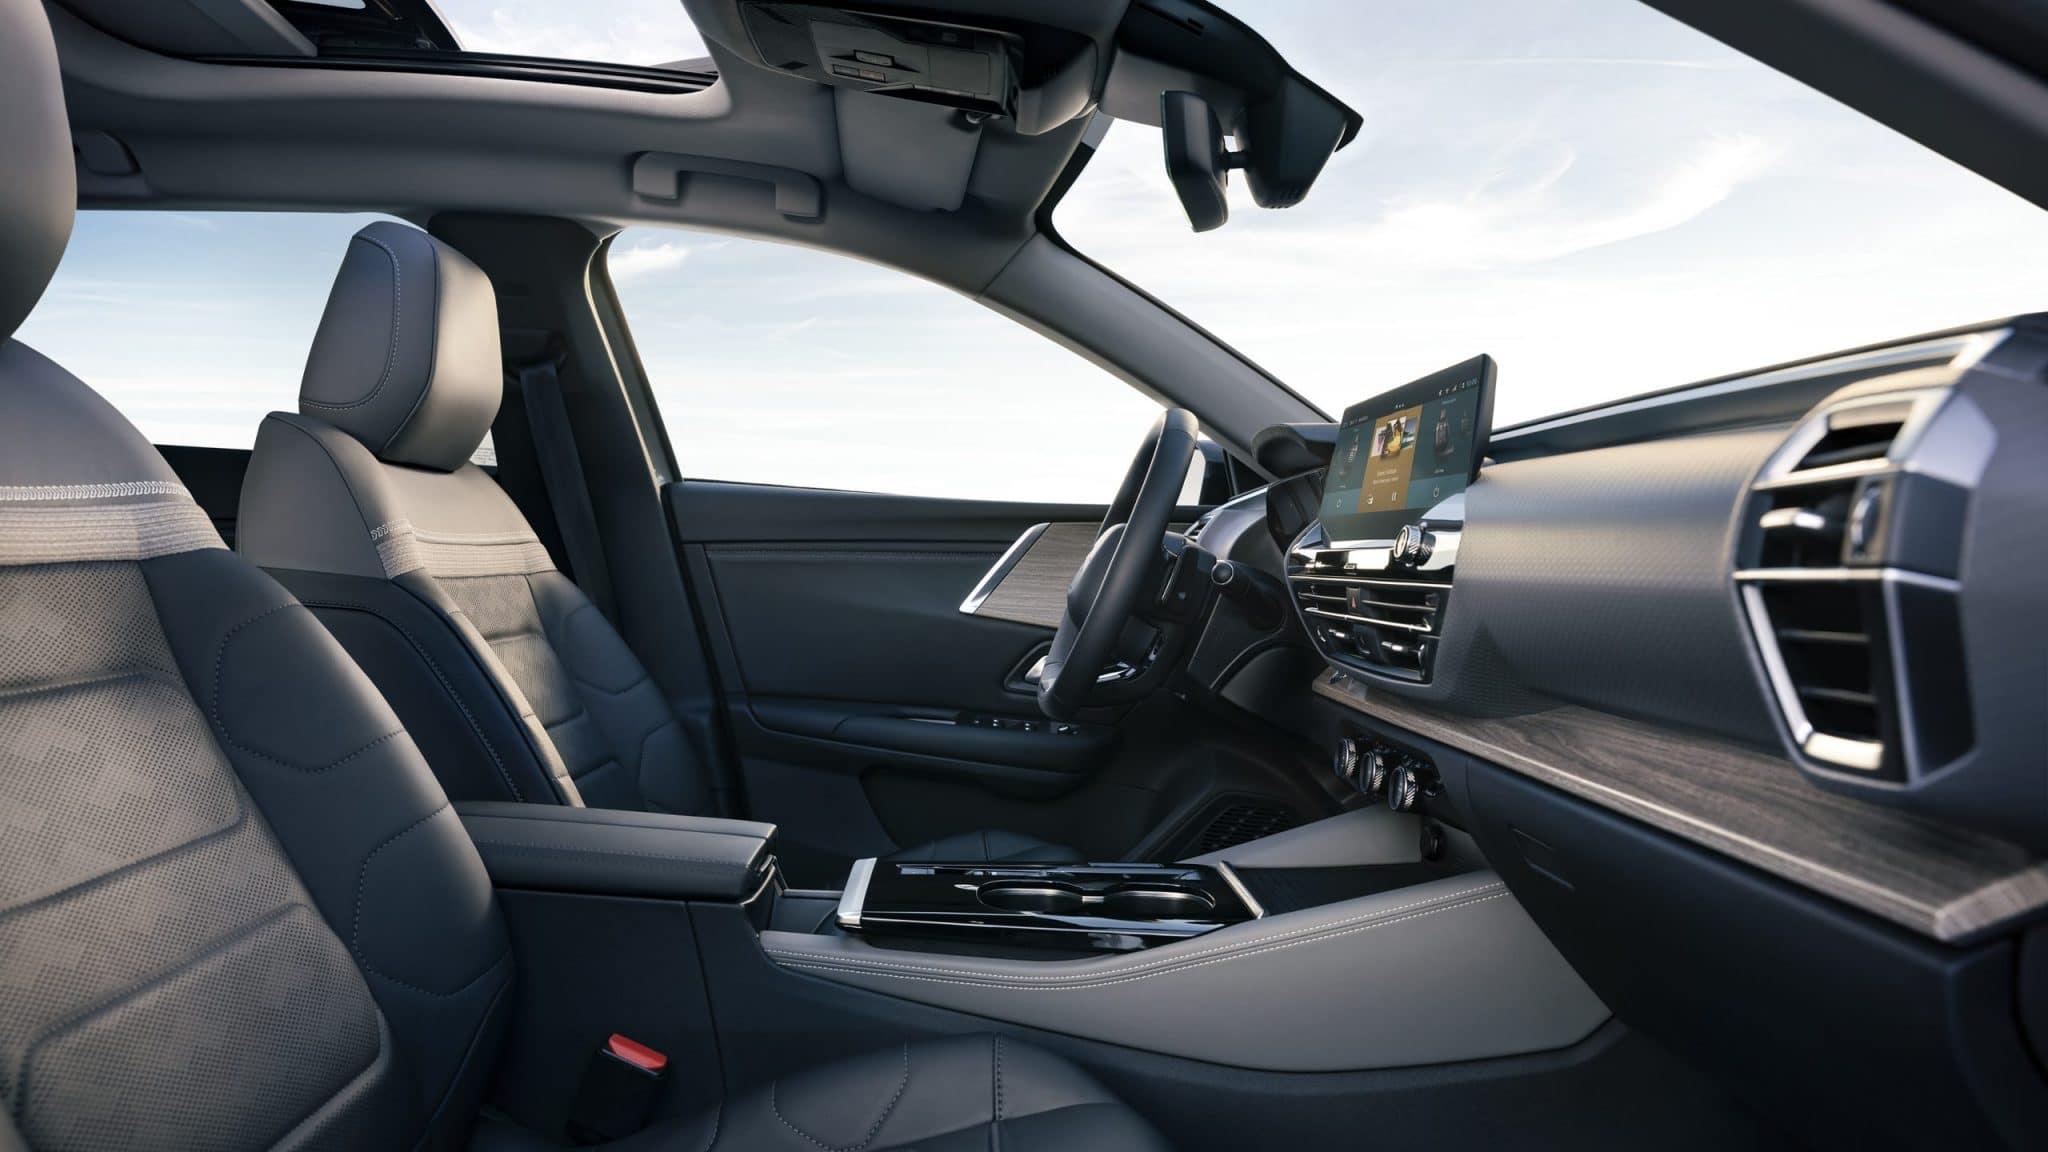 achat voiture neuve Peugeot Nantes, Véhicules neufs Peugeot, Cibema Richard